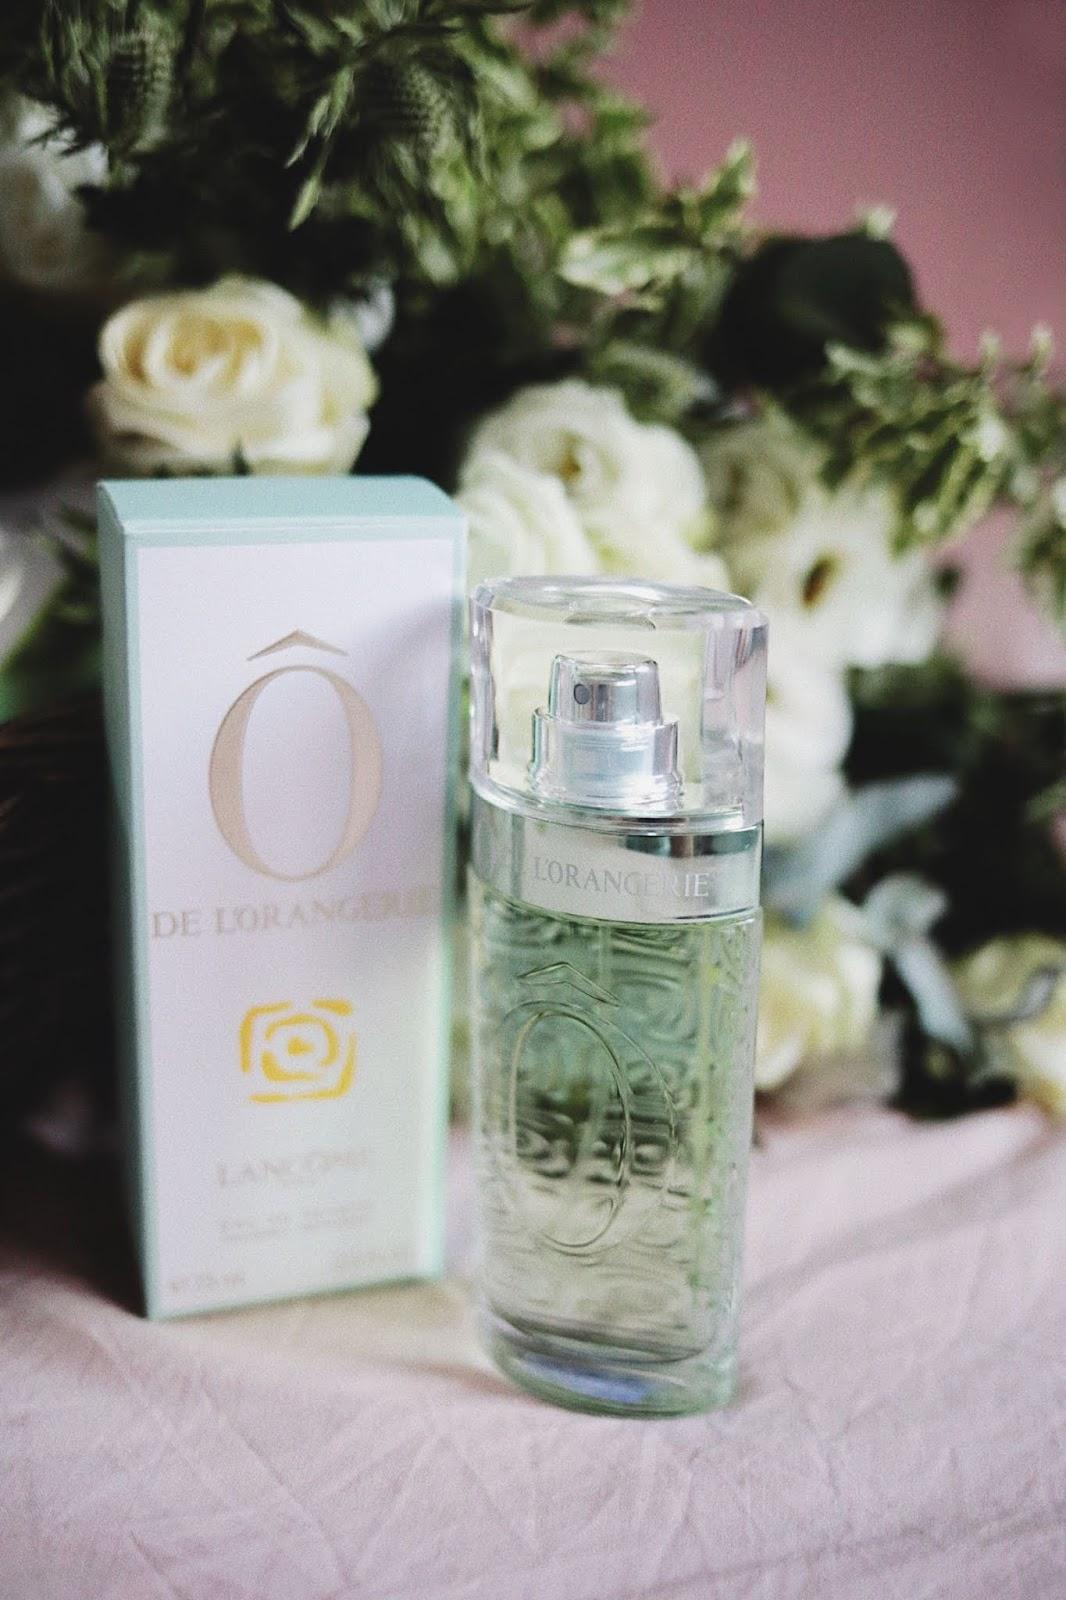 Lancôme,ô de l'orangerie, ô de Lancôme , les eaux fraîches , Le monde des ô,rosemademoiselle, rose mademoiselle , blog beauté , paris